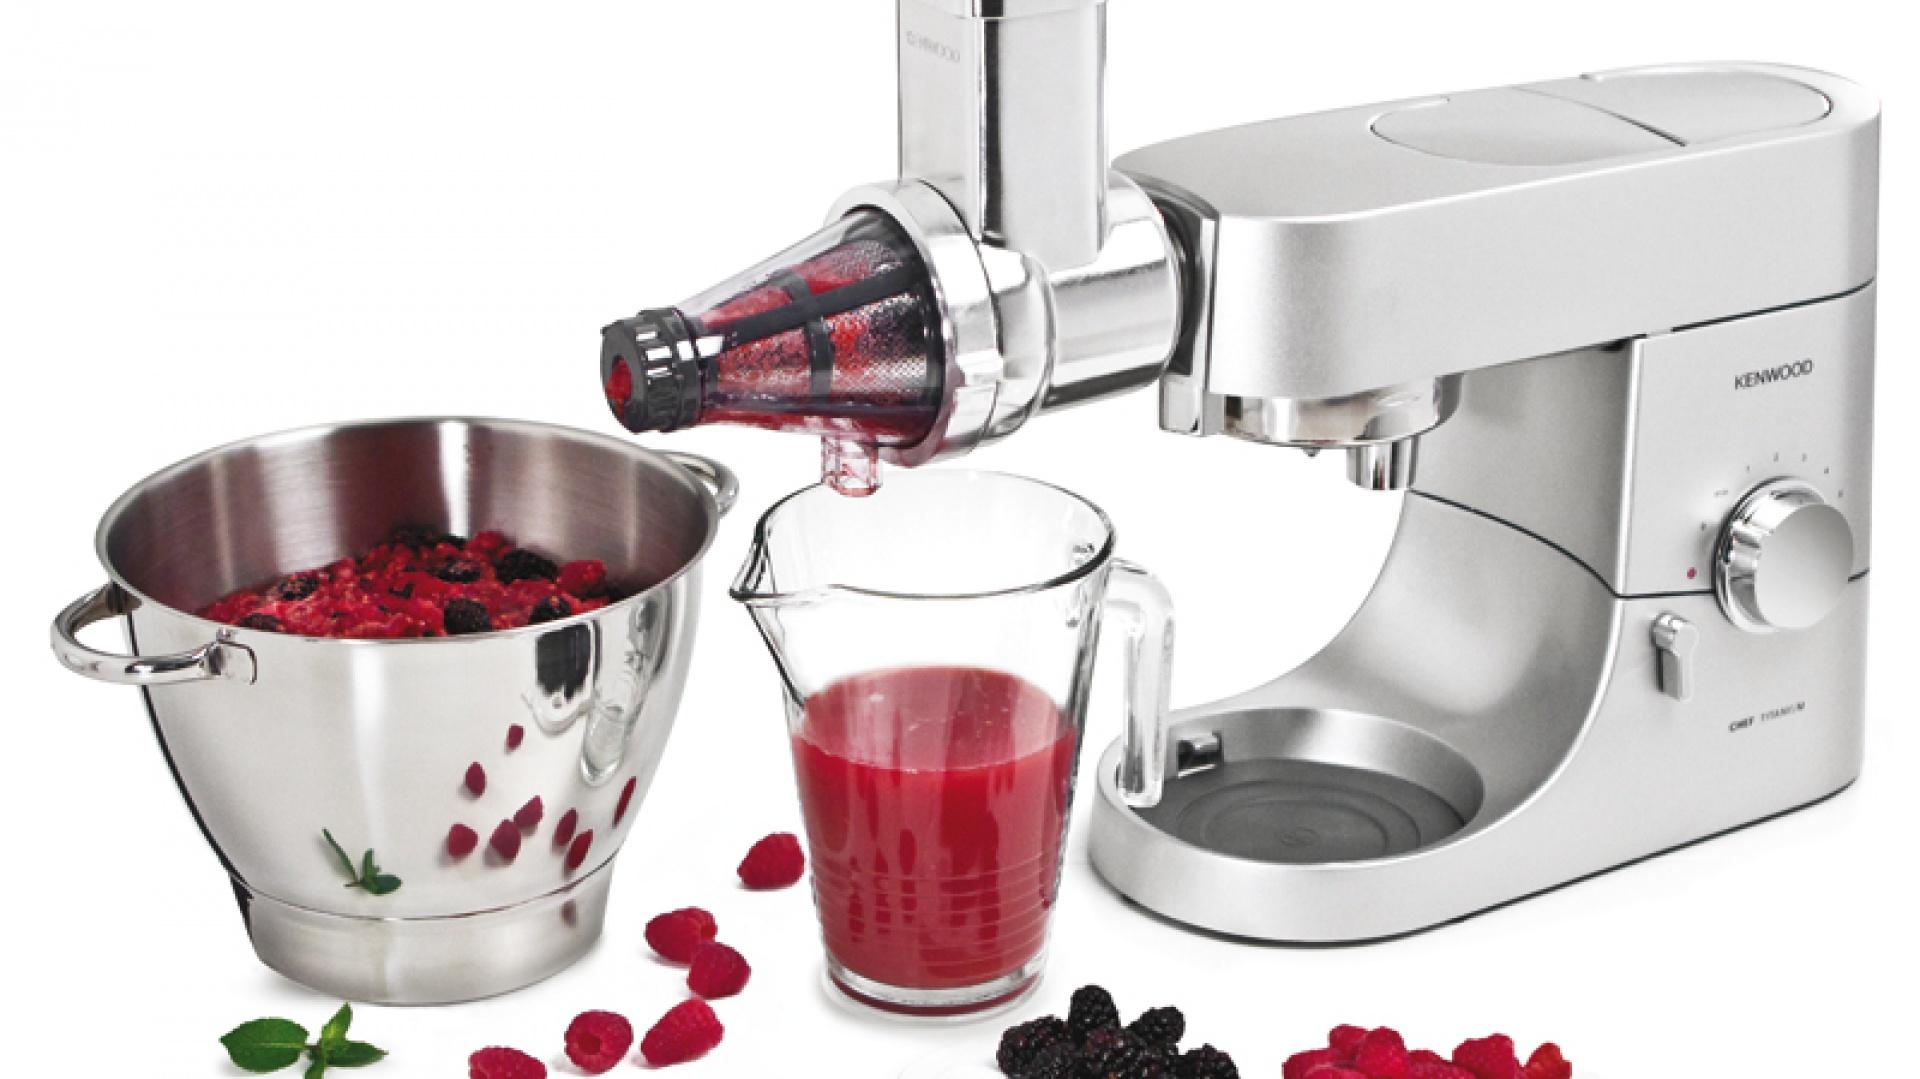 Przystawka do przecierania owoców miękkich AT644 idealna do przyrządzania zdrowych soków, pysznych musów, przecierów i delikatnych puree. Cena: ok. 465 zł, Kenwood.